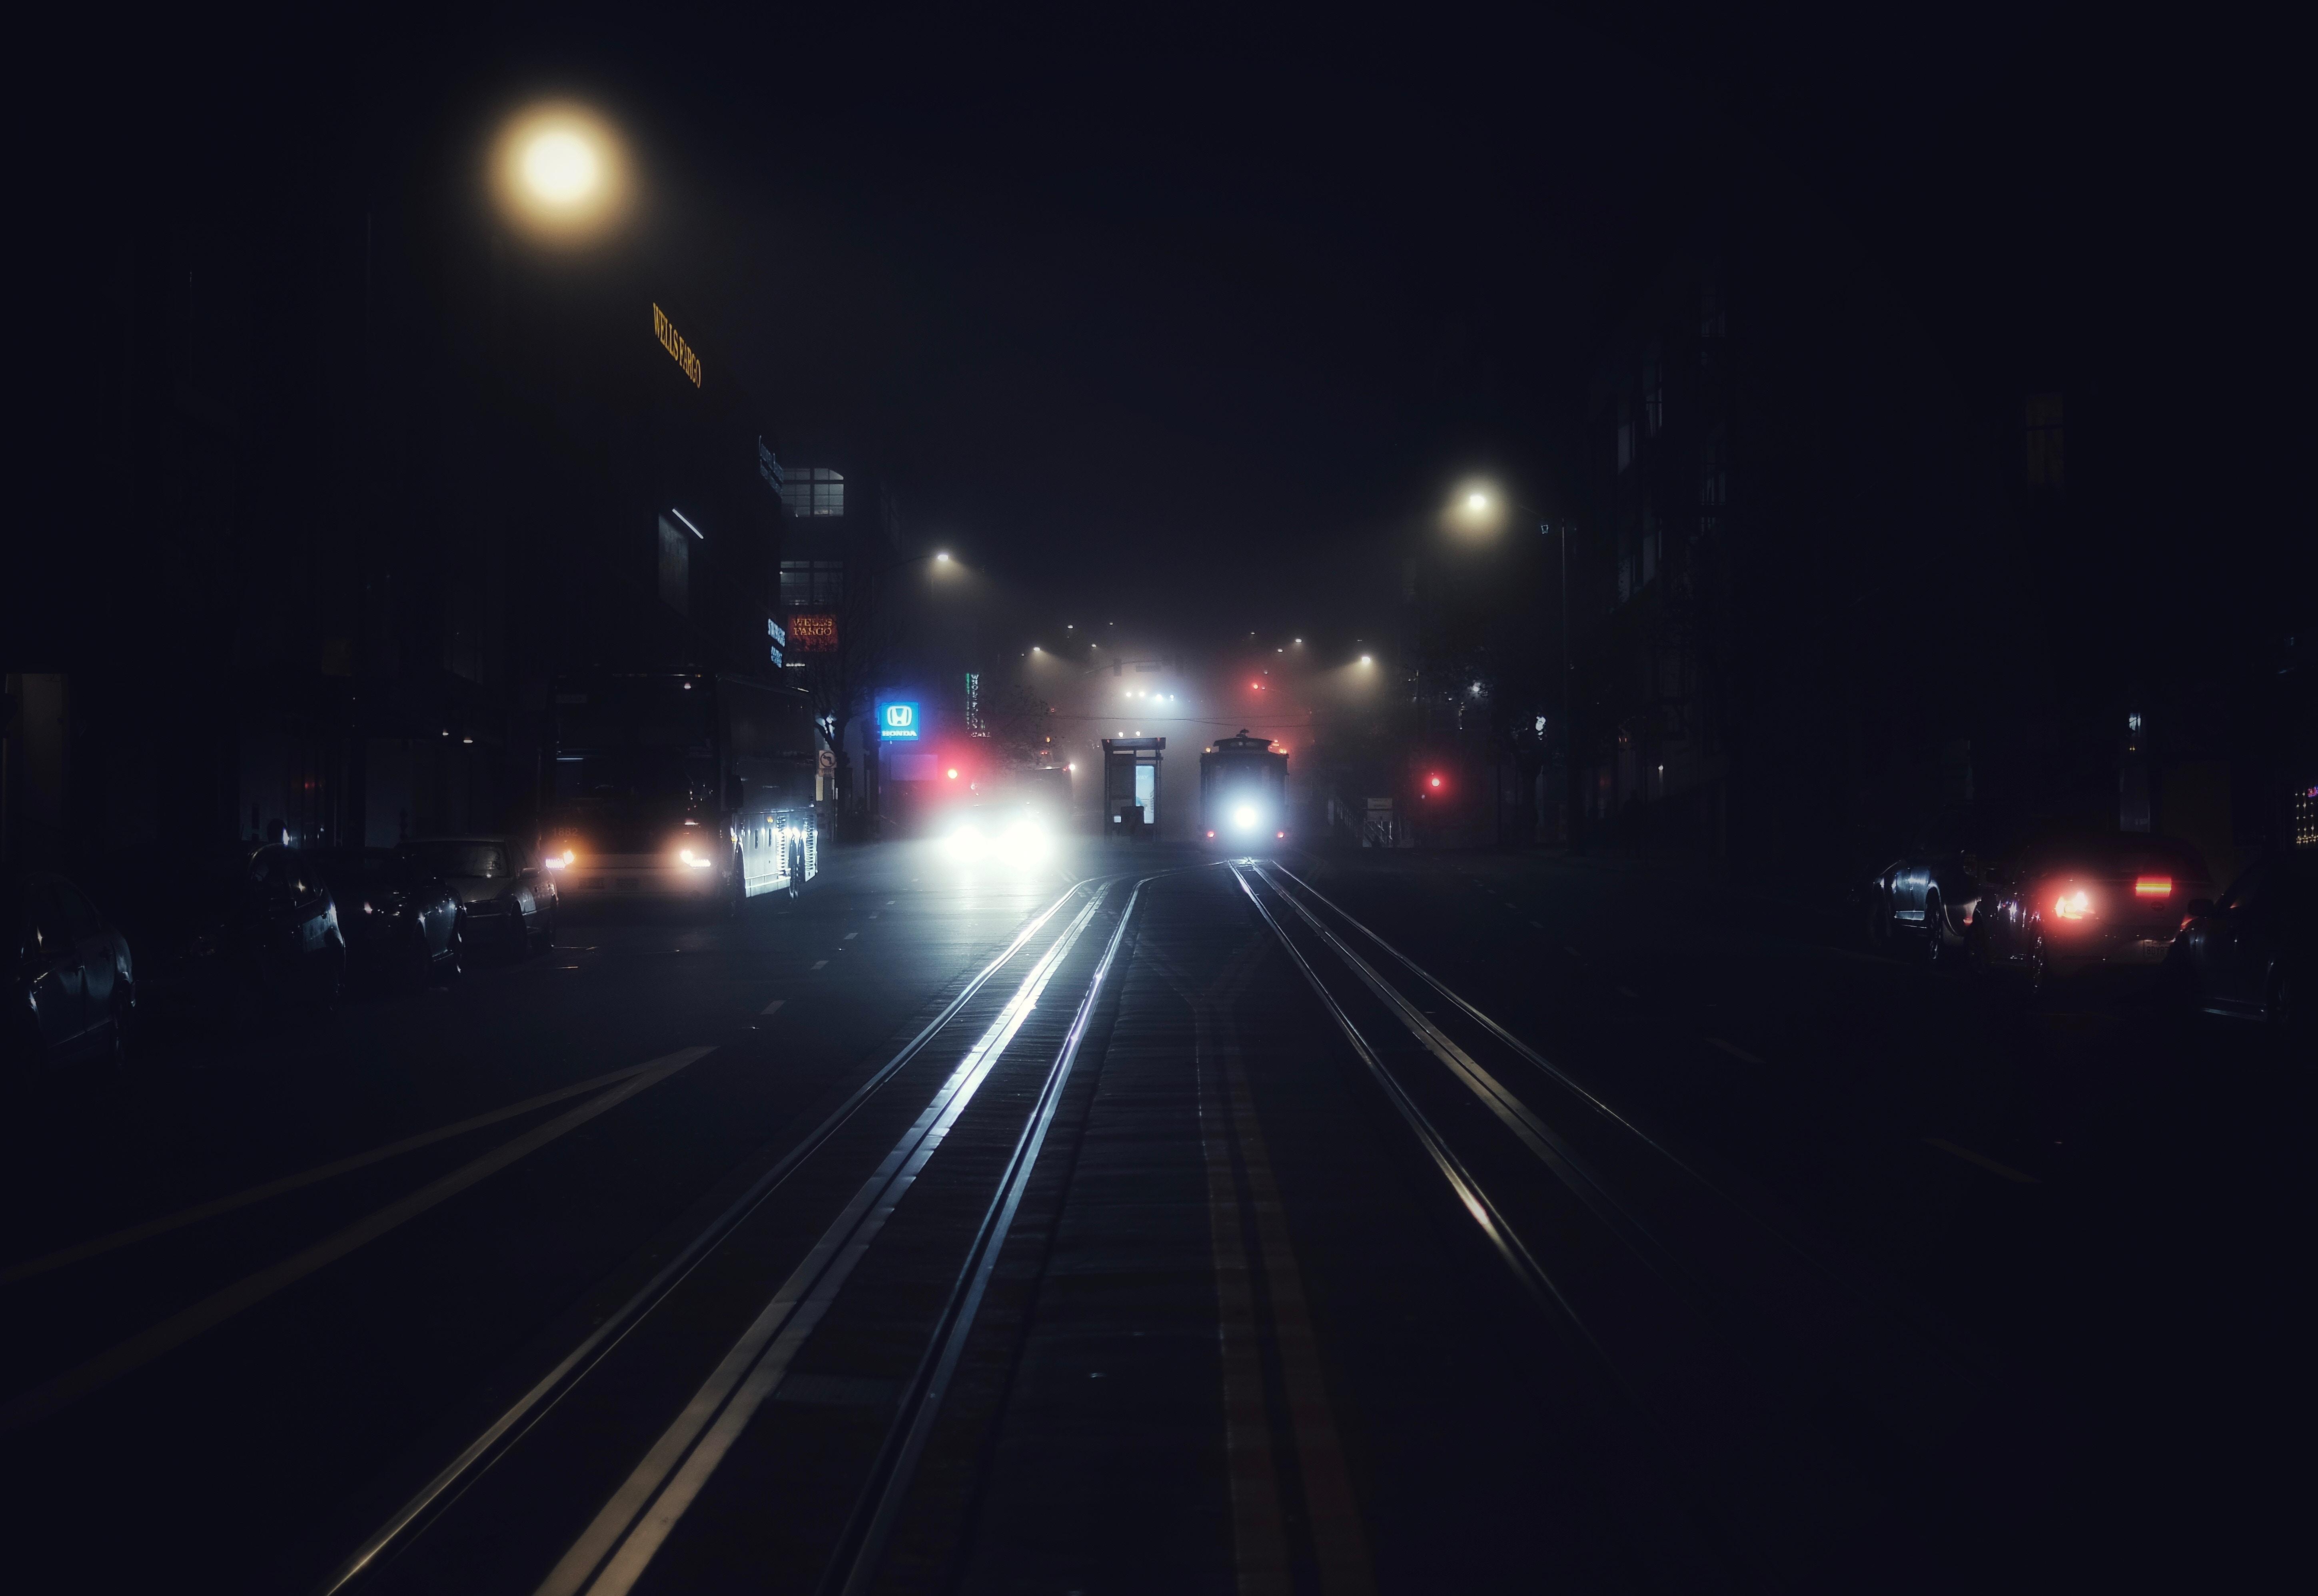 58678 скачать обои Темные, Ночной Город, Транспорт, Туман, Ночь, Сан-Франциско, Сша - заставки и картинки бесплатно